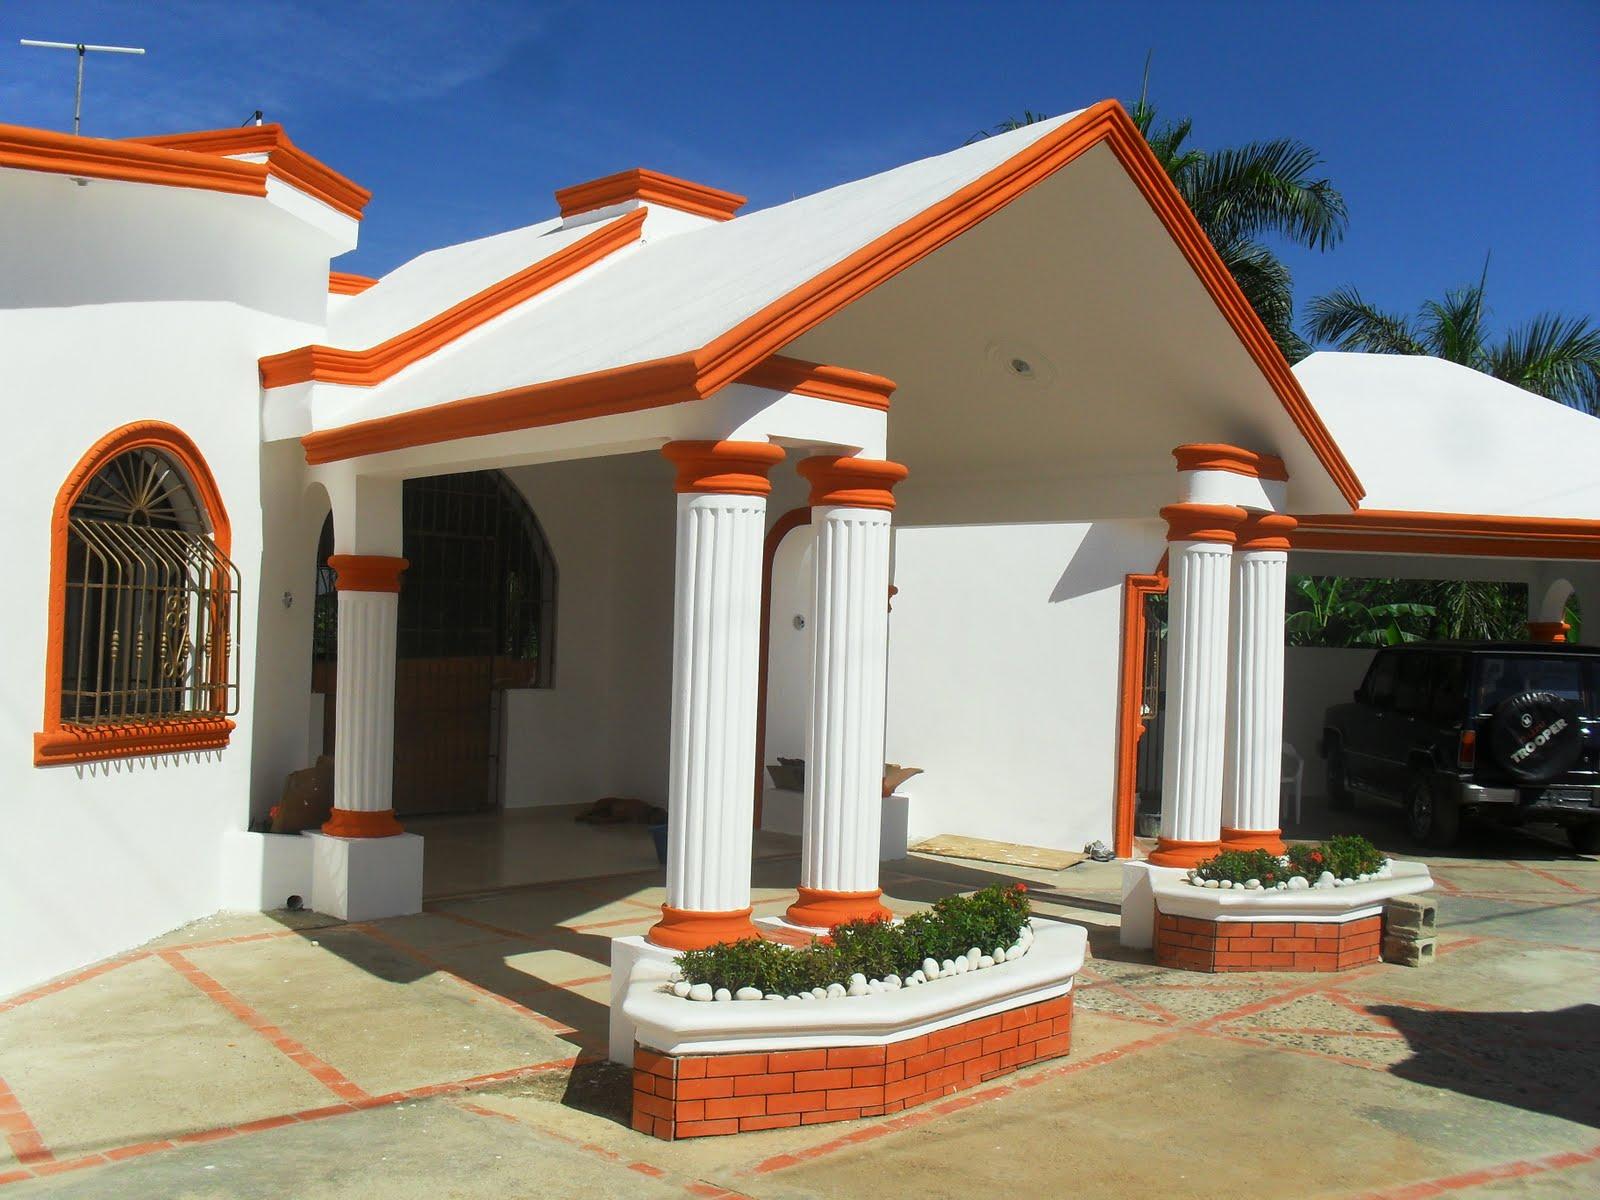 Vendo las mejores casas del mundo images frompo - Las mejores casas del mundo ...